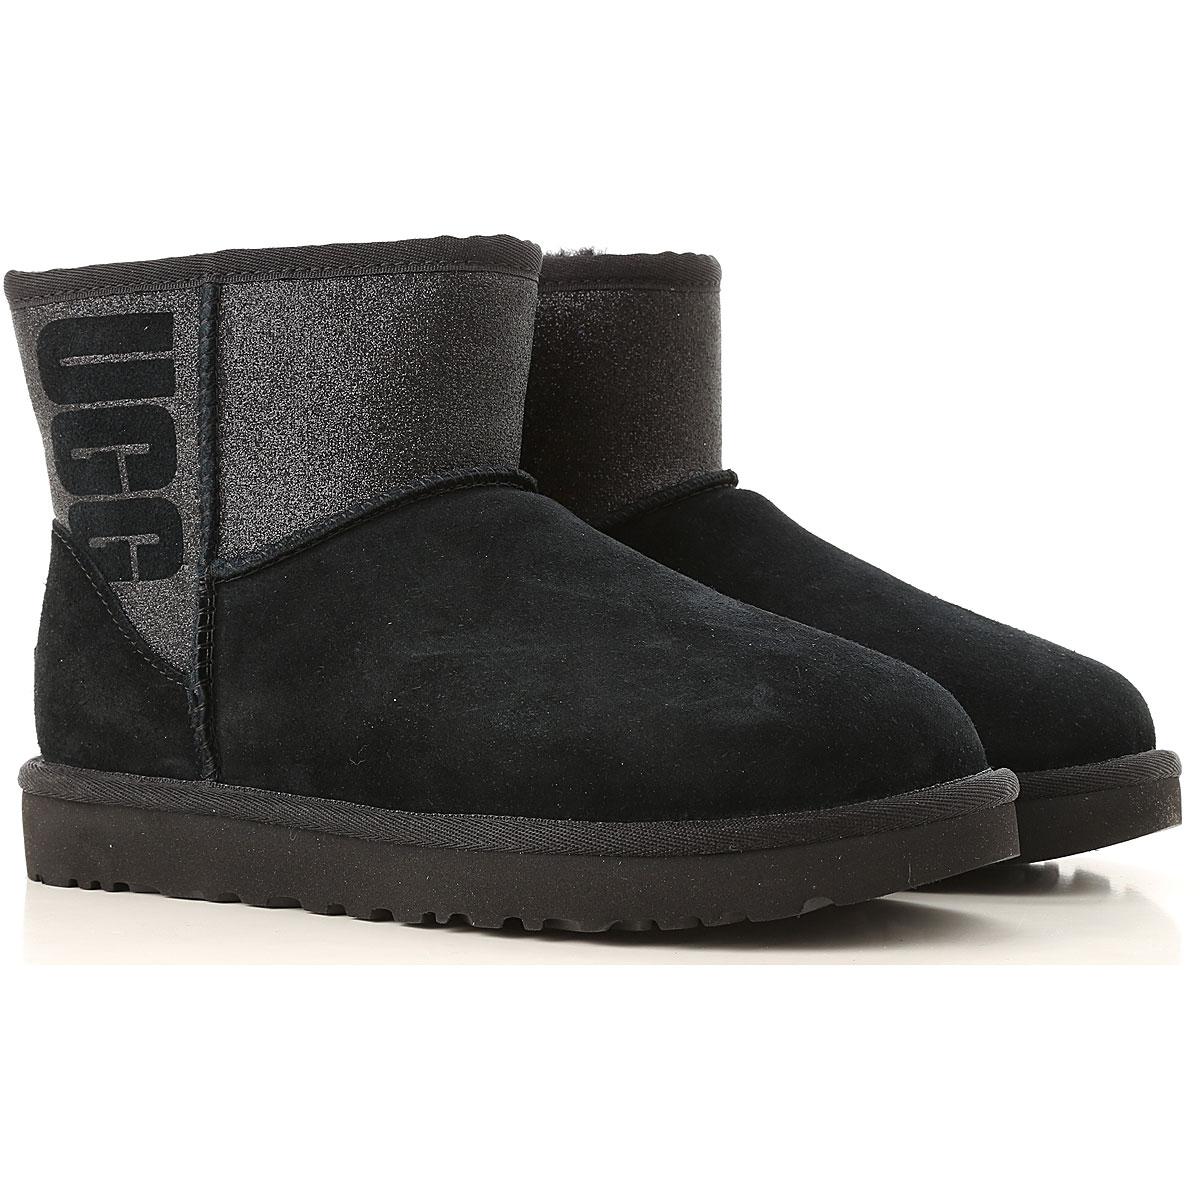 UGG Vysoké boty pro ženy Ve výprodeji e493bf9078